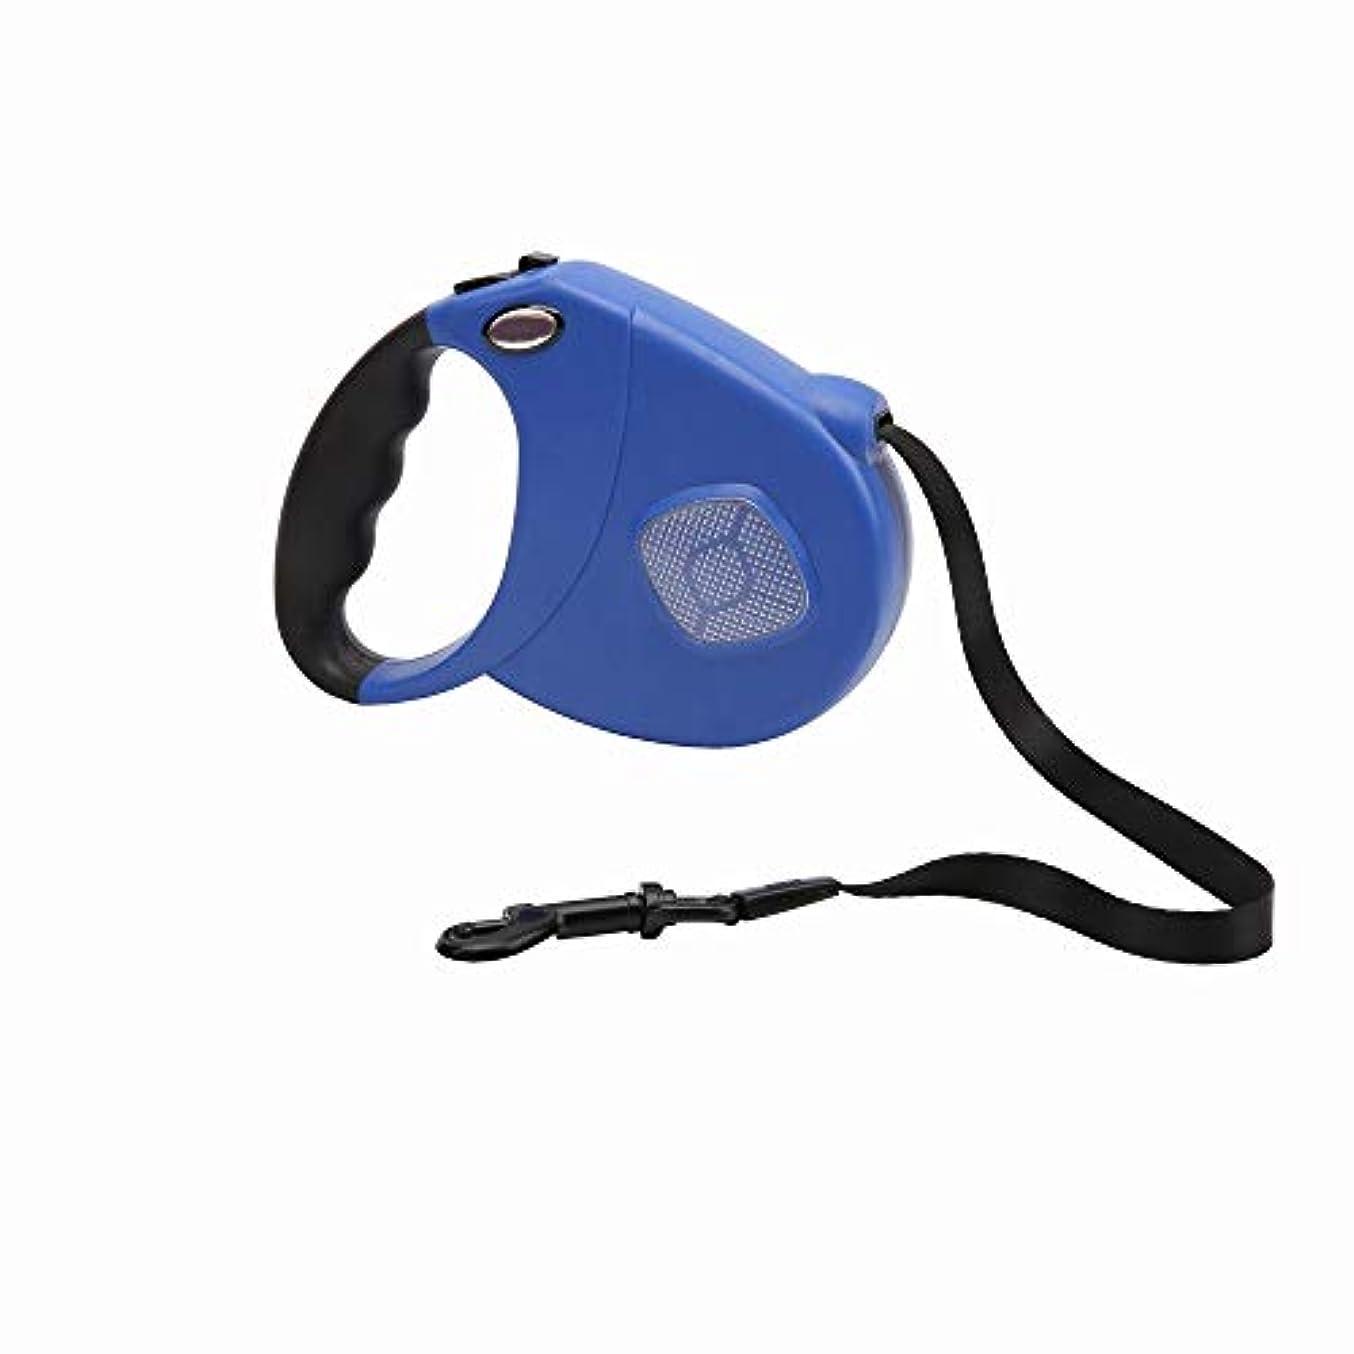 典型的なカカドゥお茶KEYI ペット自動伸縮牽引ロープ中小犬ペット用品牽引ロープチェーンリーシュ (色 : 青, サイズ : 5M100)